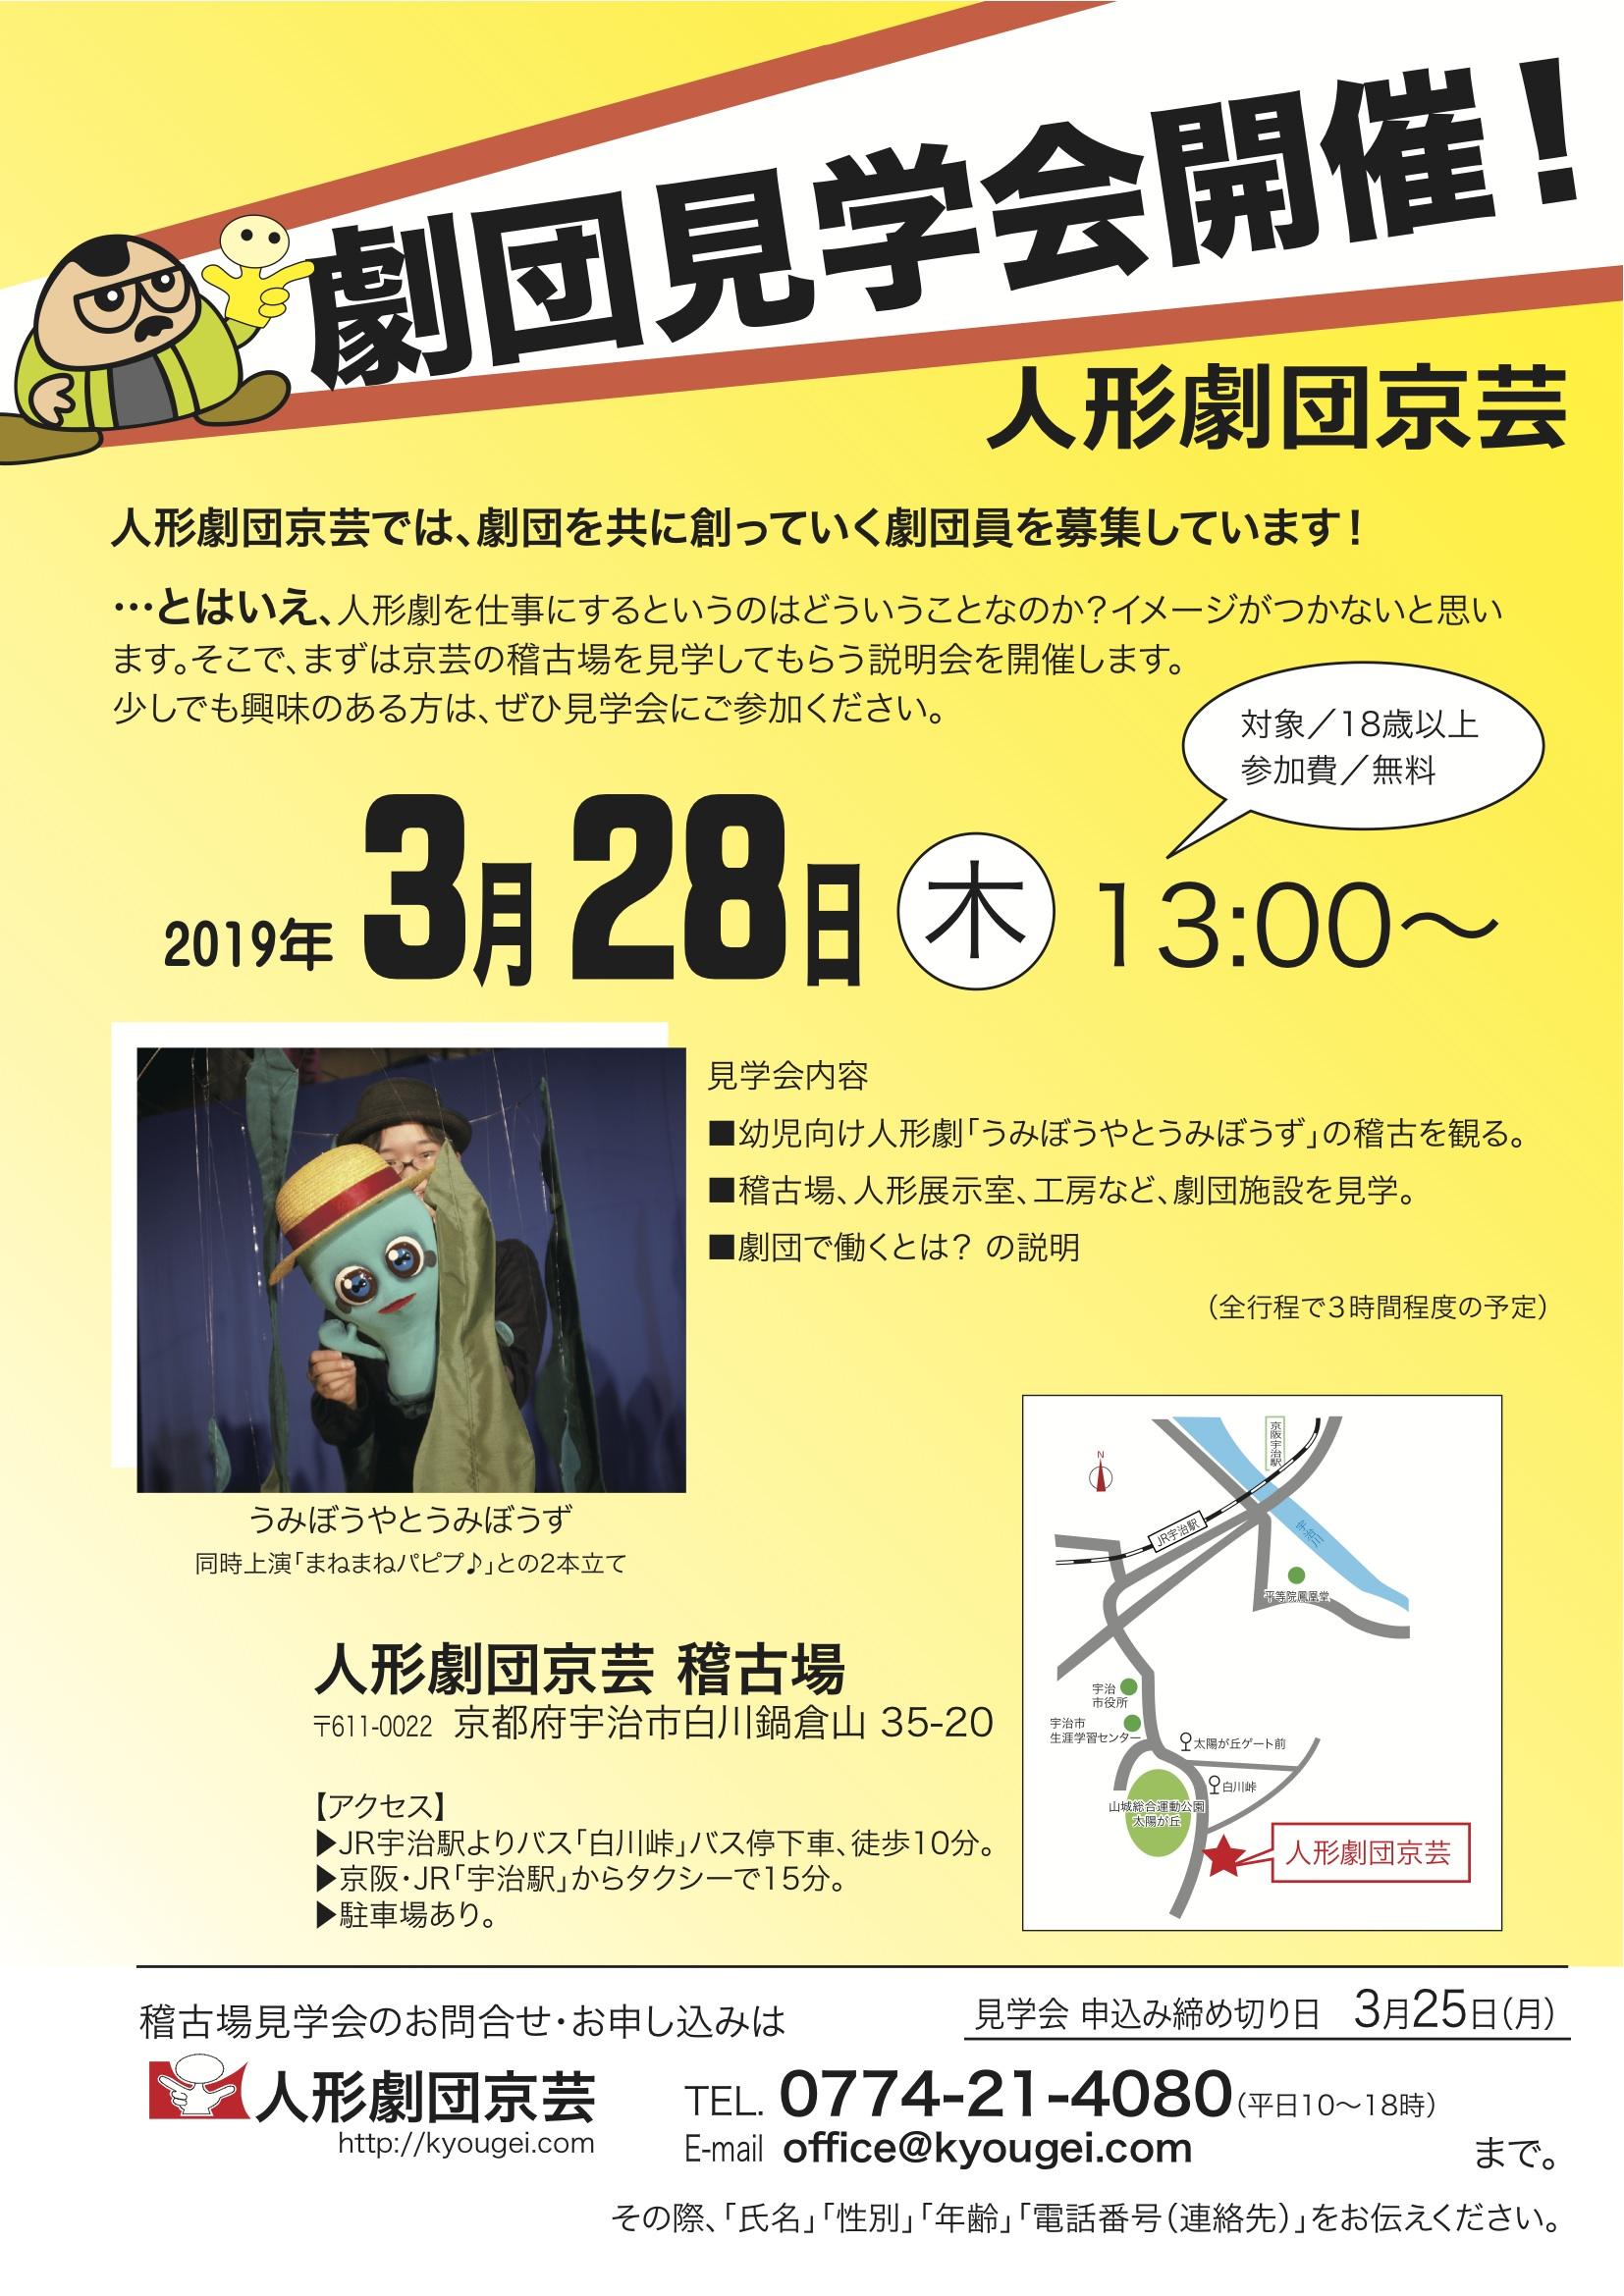 稽古場見学会チラシ2019.3.28.jpg